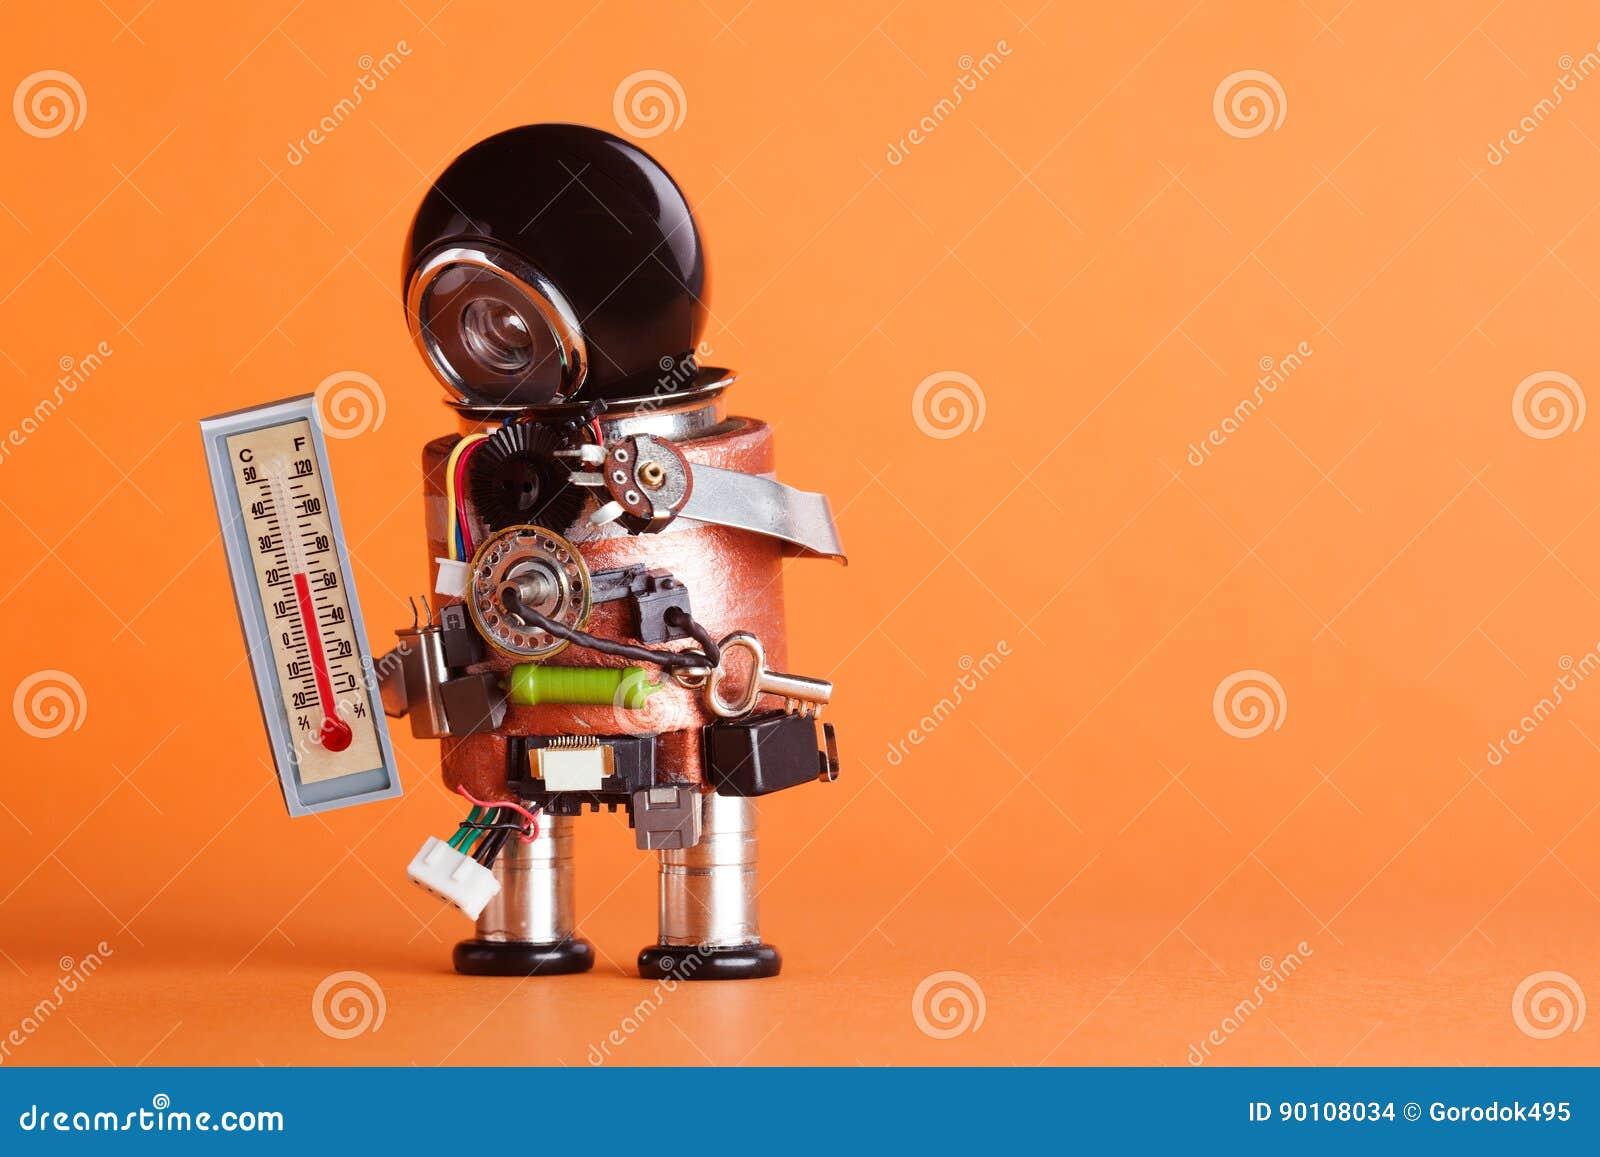 Robot de prévisionniste de temps regardant le degré Celsius de la température ambiante 21 de confort de thermomètre Caractère de